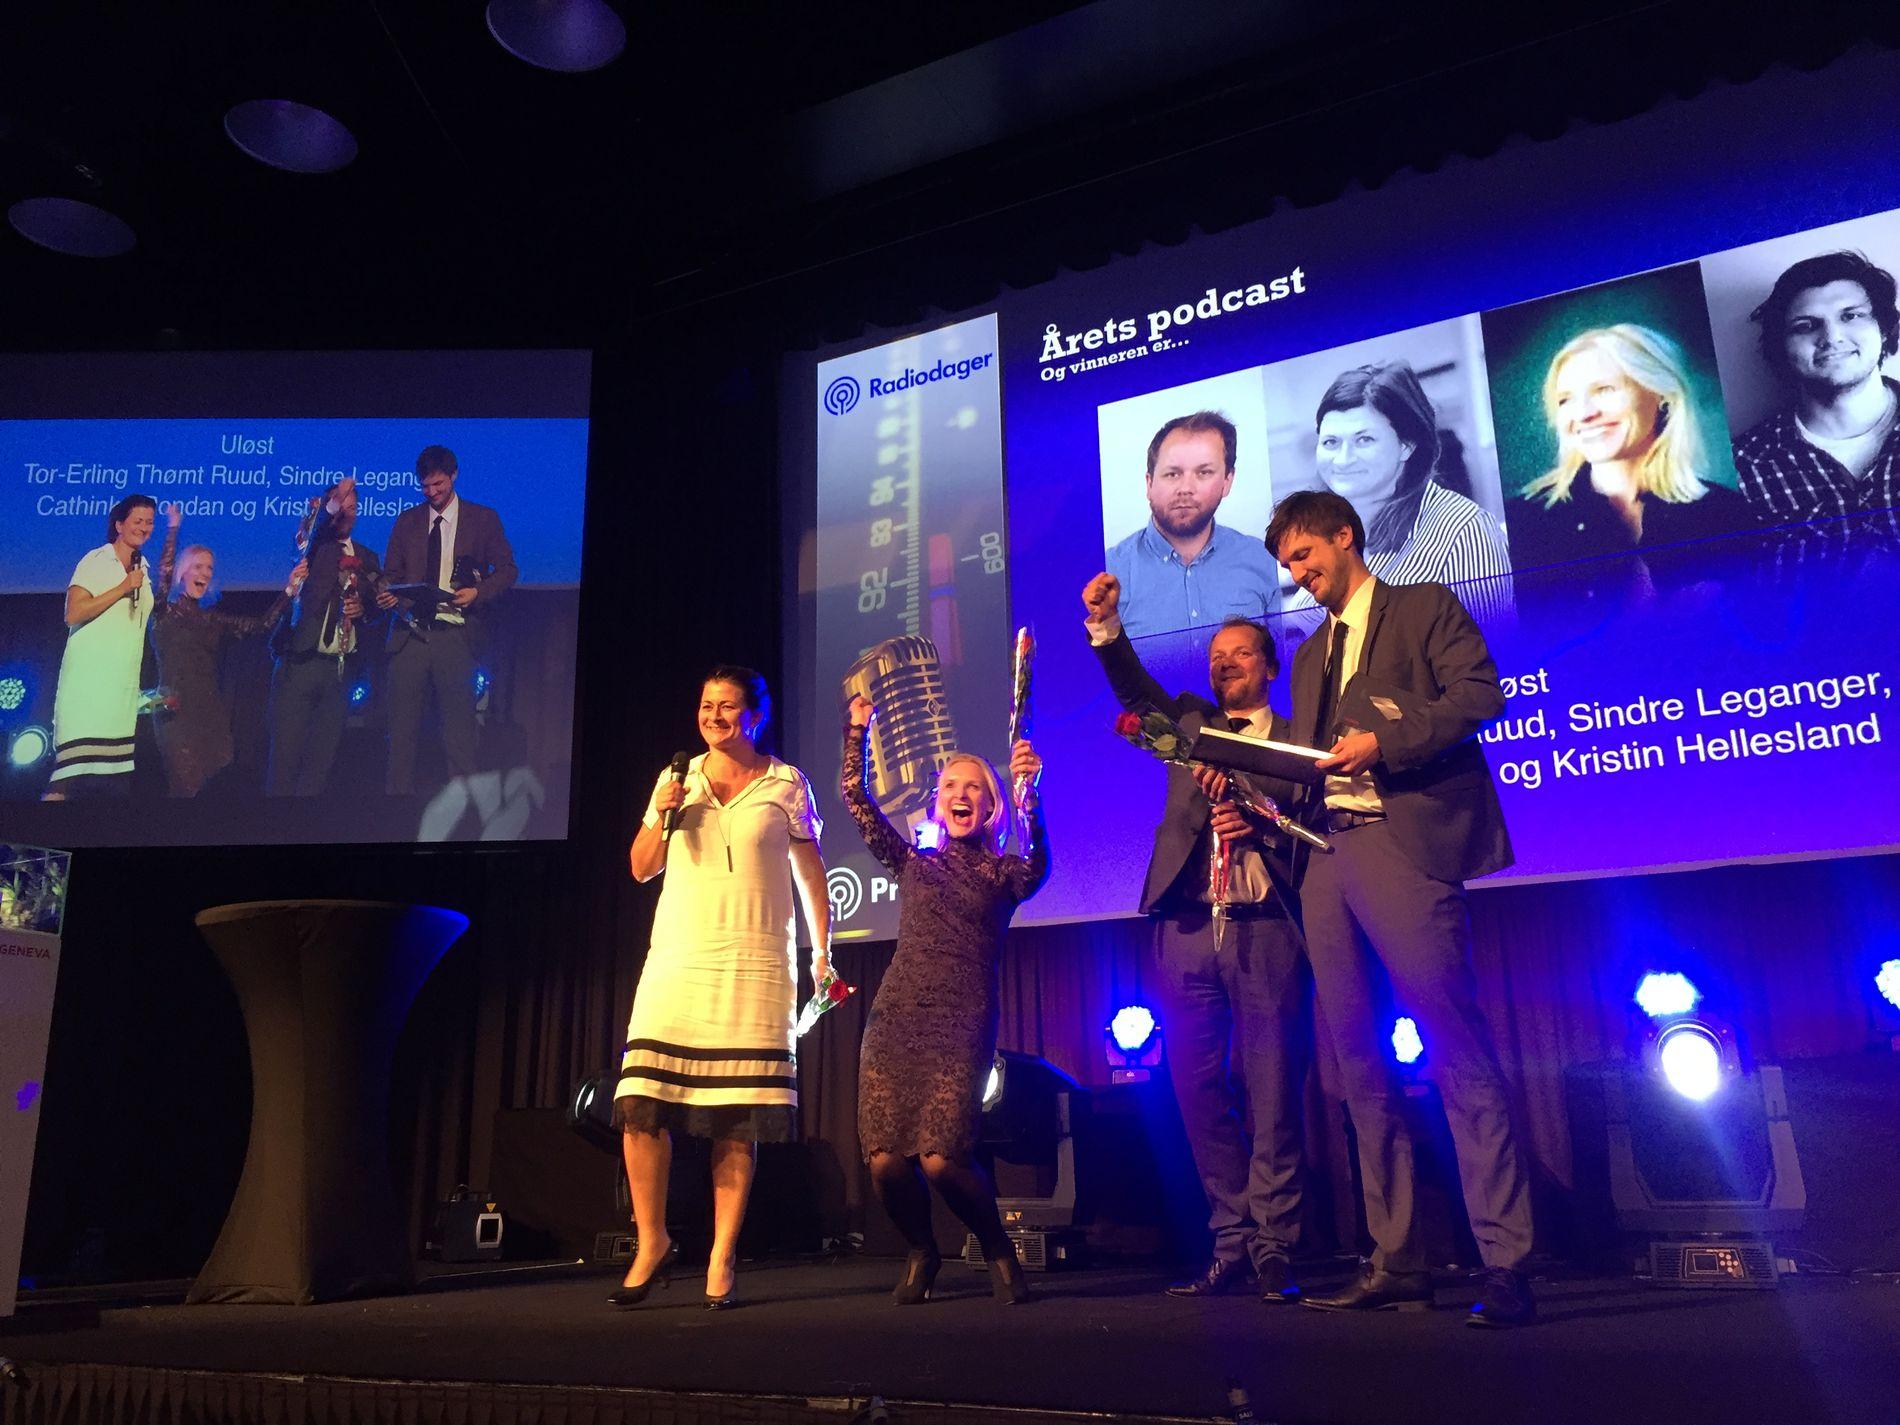 VG-JUBEL:  VG stakk av med prisen for årets podcast første gang prisen ble utdelt under årets Prix Radio. Cathinka Rondan (fra venstre), Kristine Hellesland, Tor-Erling Thømt Ruud og Sindre Leganger, slipper jubelen løs.